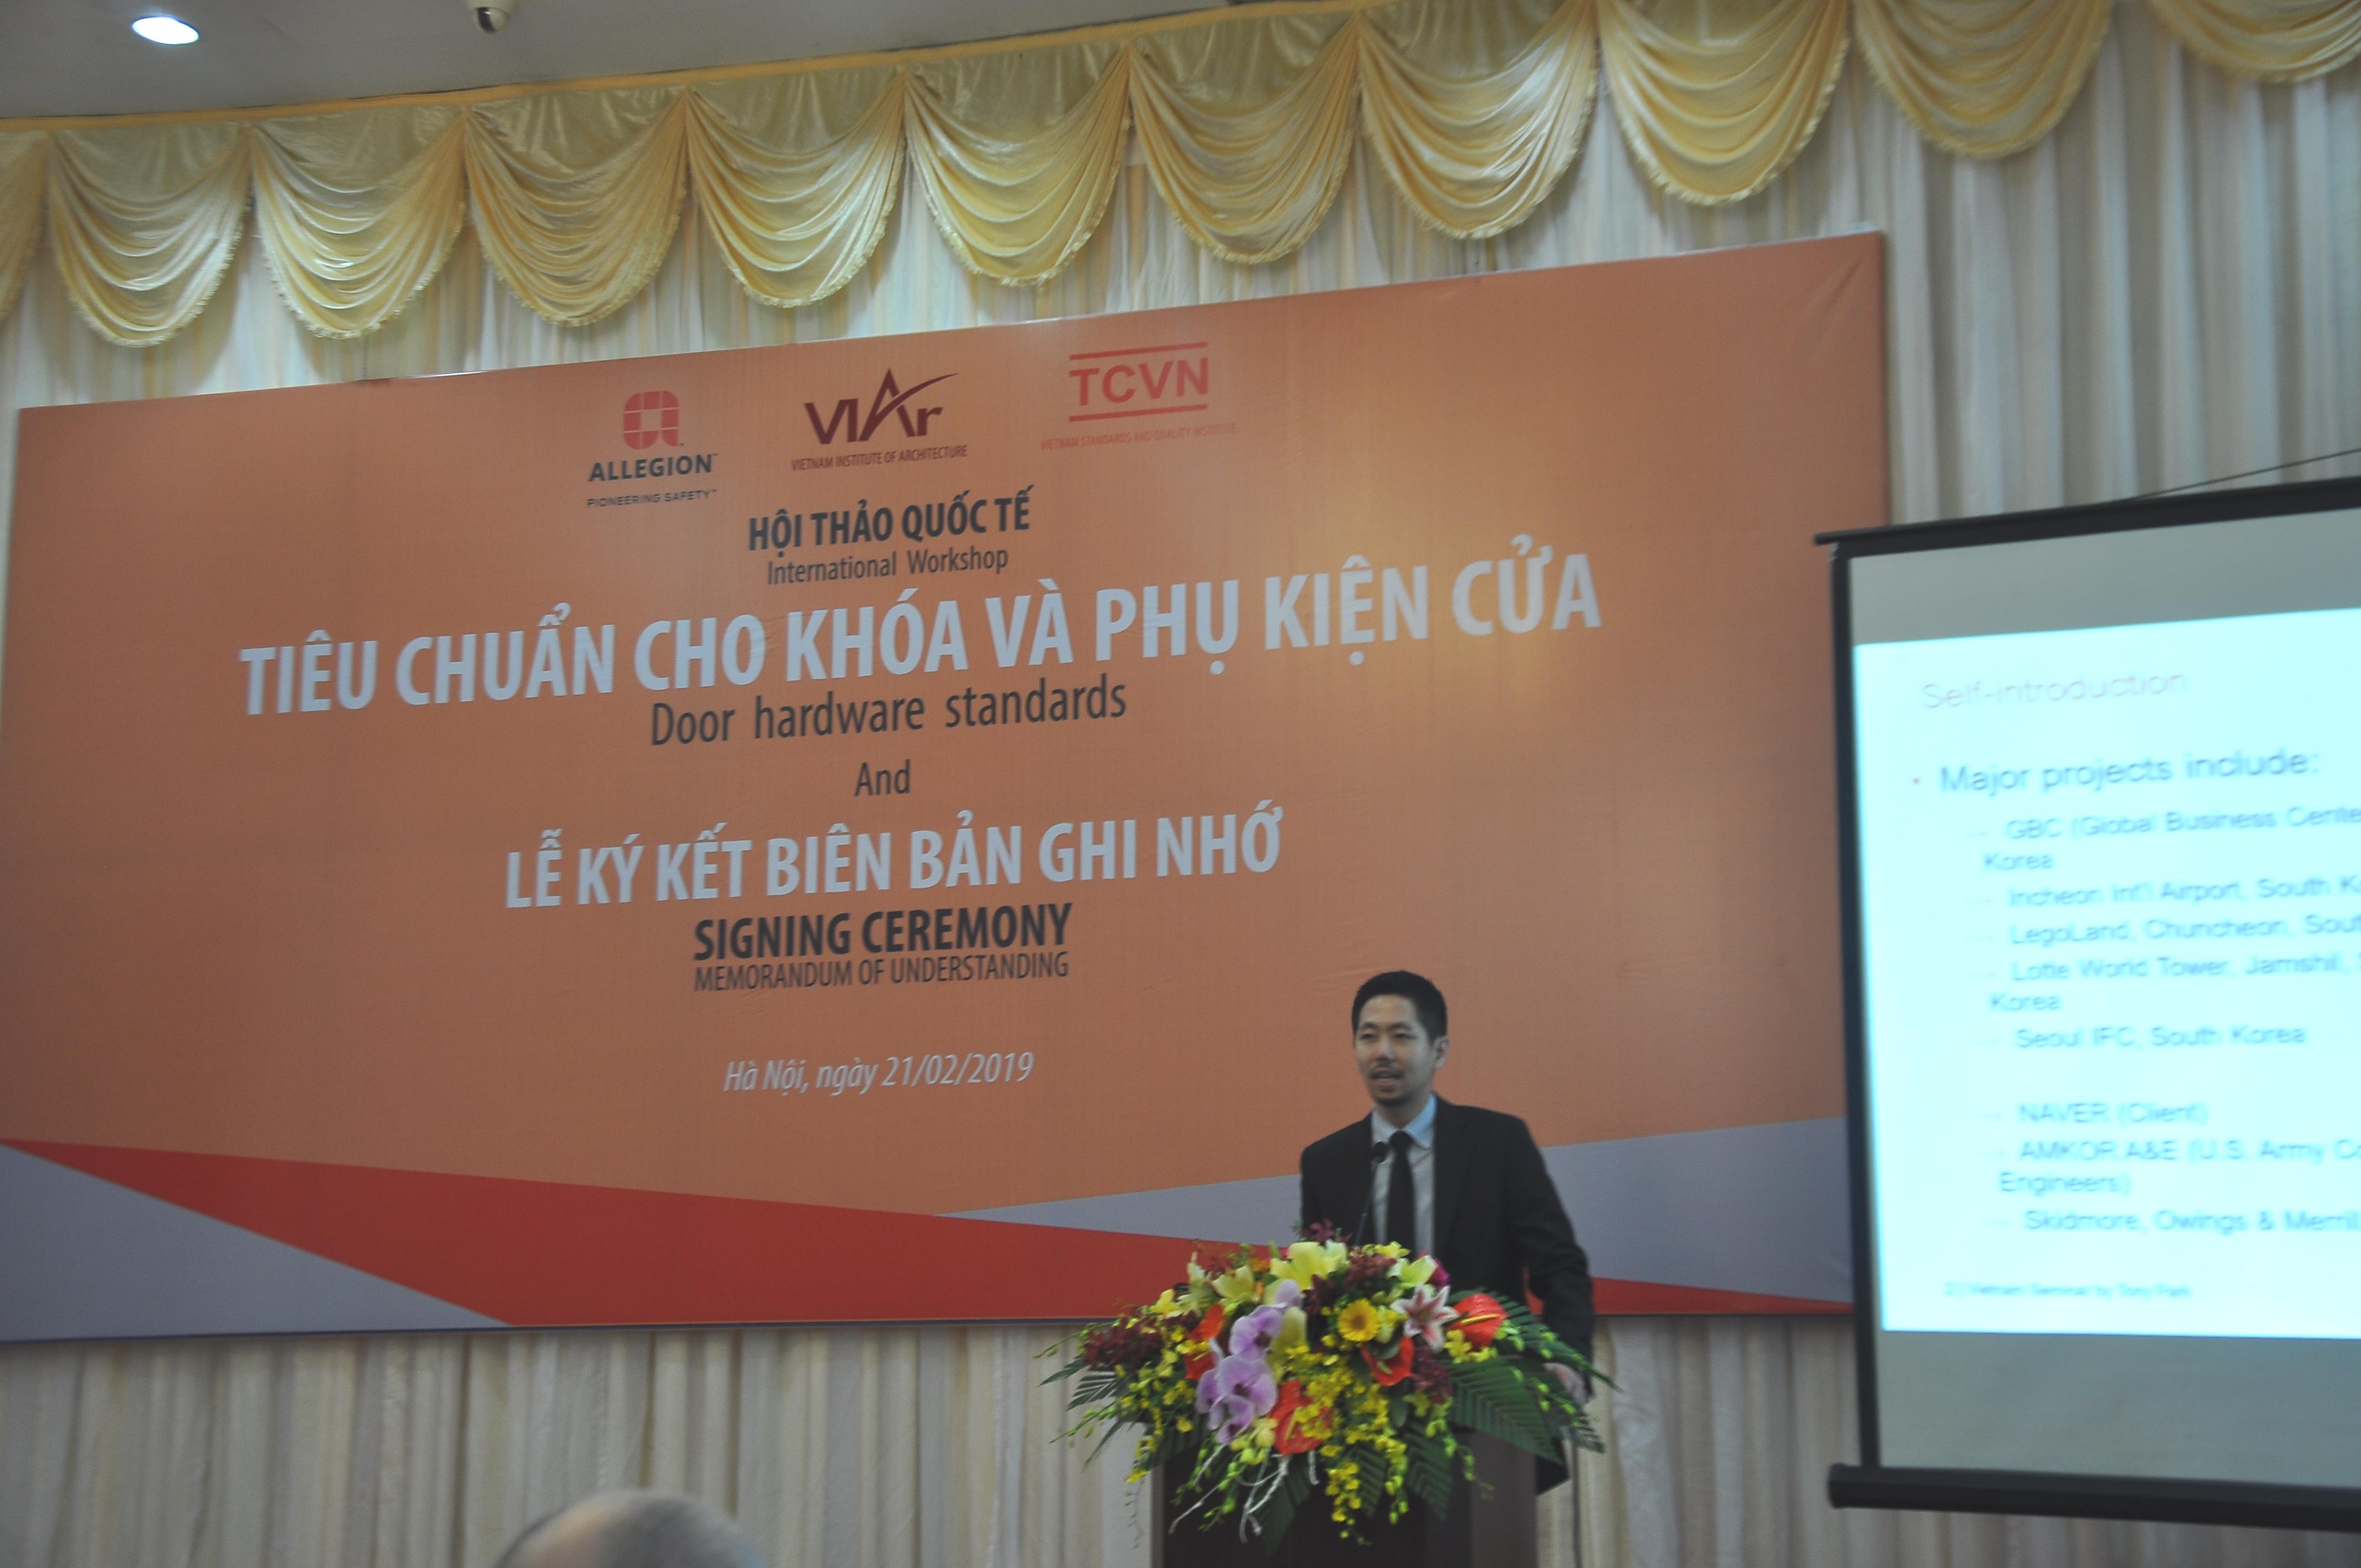 Ông Tony Park - Thành viên Hội Tư vấn kết cấu hệ thống phần cứng Kiến trúc